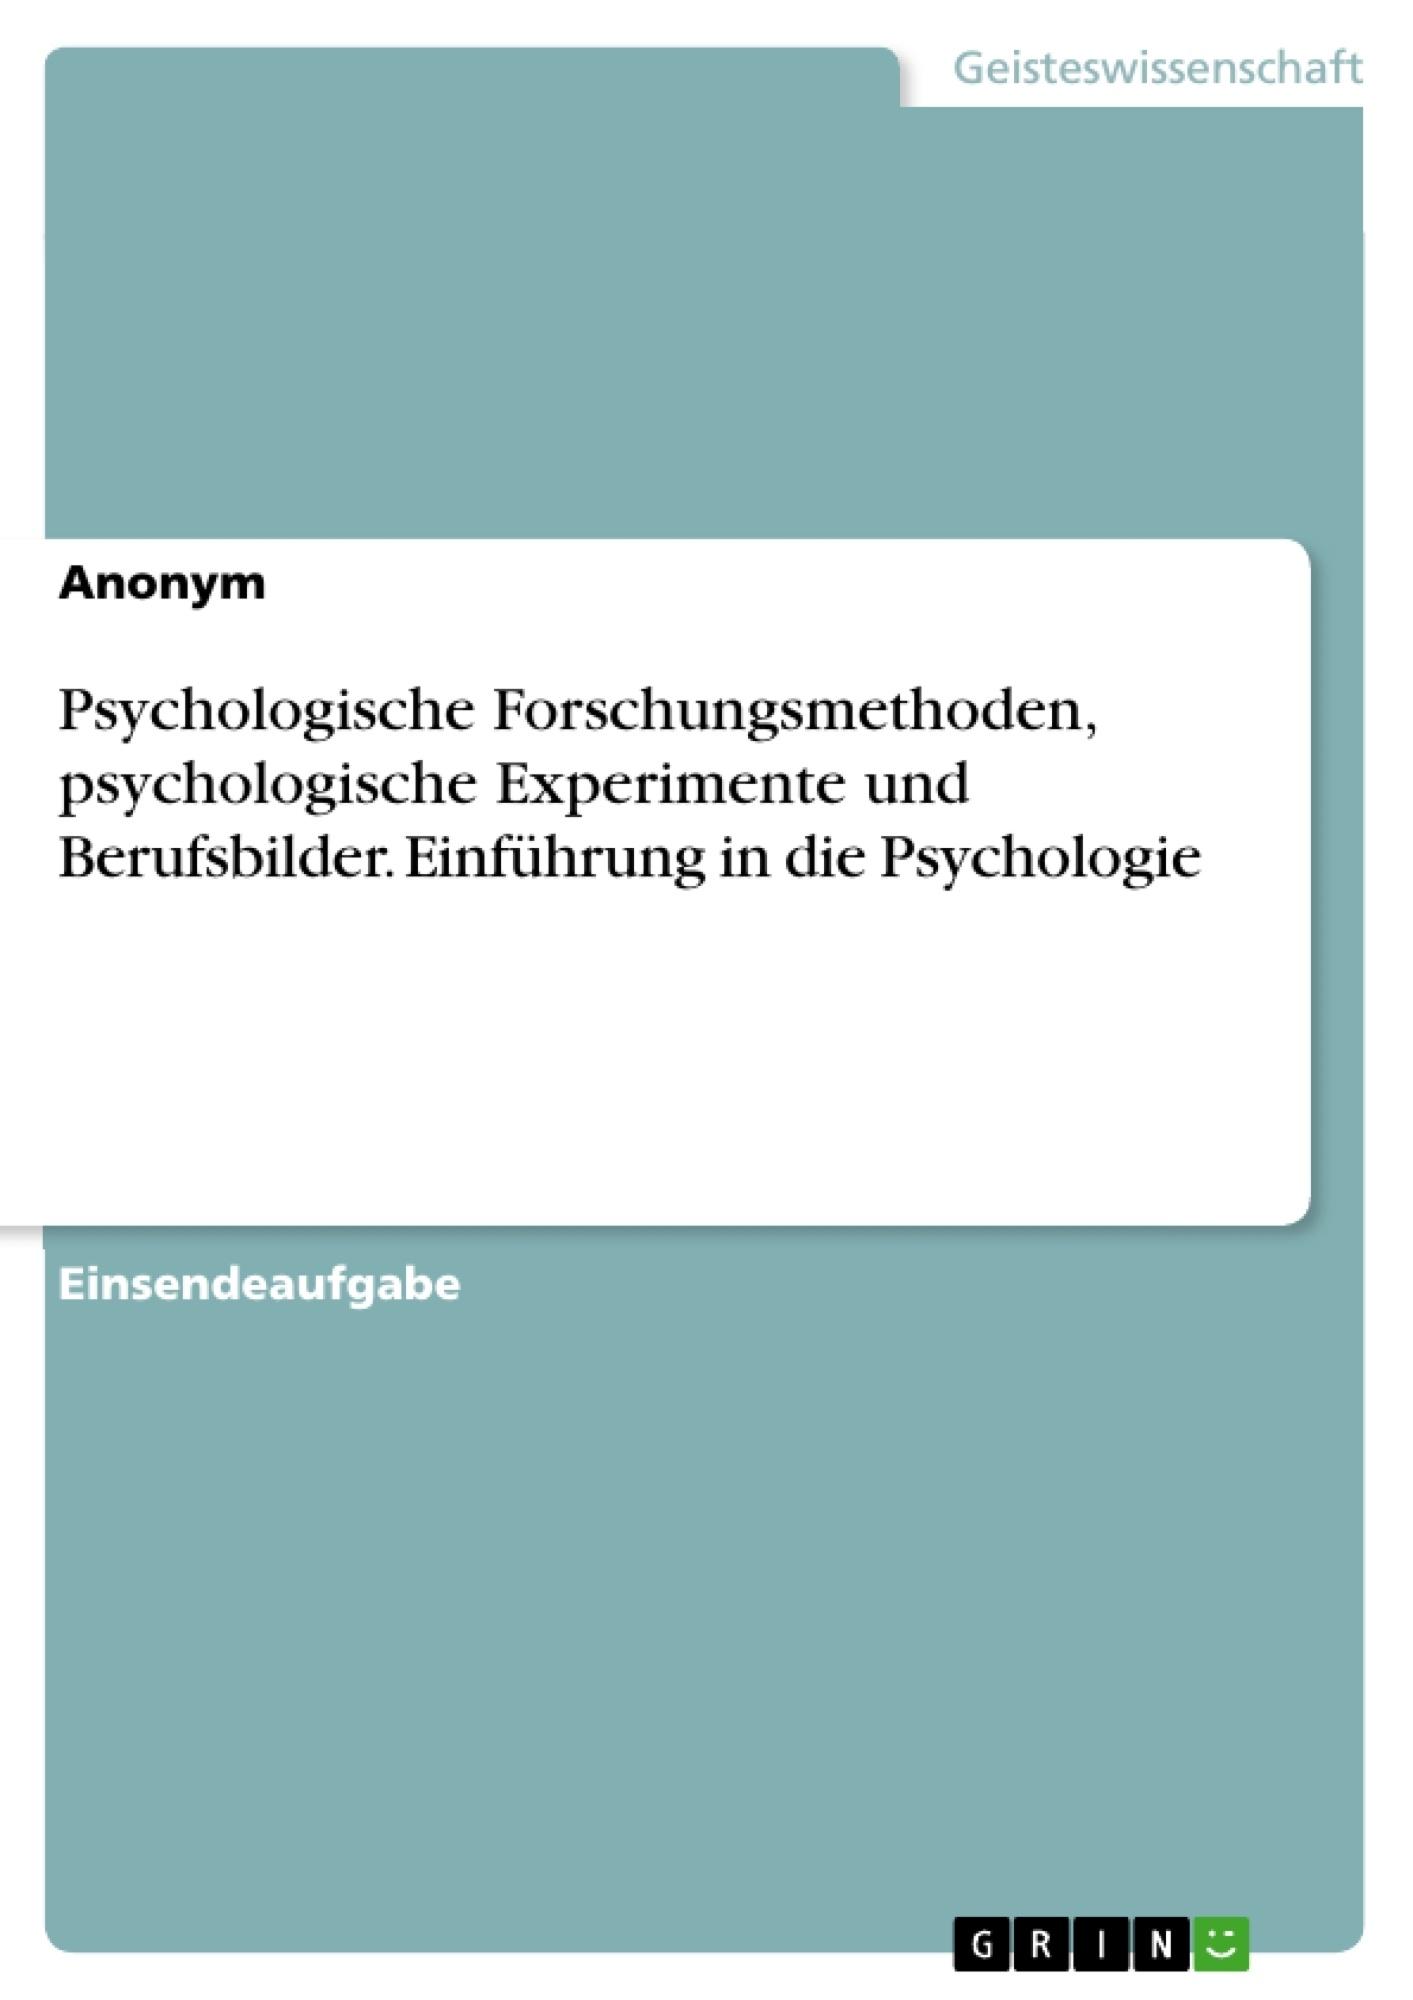 Titel: Psychologische Forschungsmethoden, psychologische Experimente und Berufsbilder. Einführung in die Psychologie